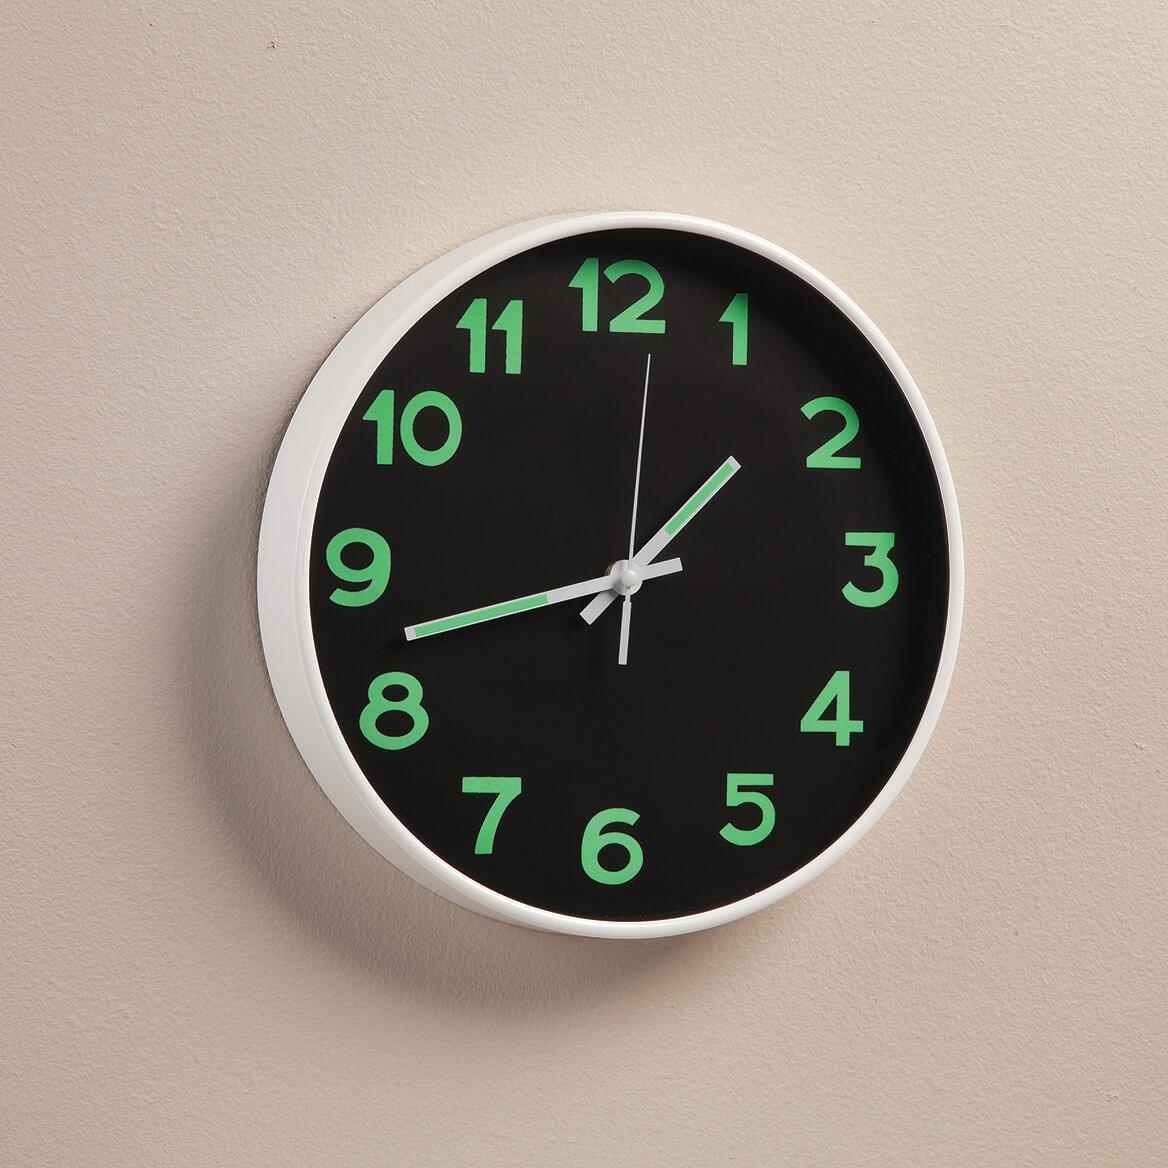 Glow-in-the-Dark Wall Clock-367456